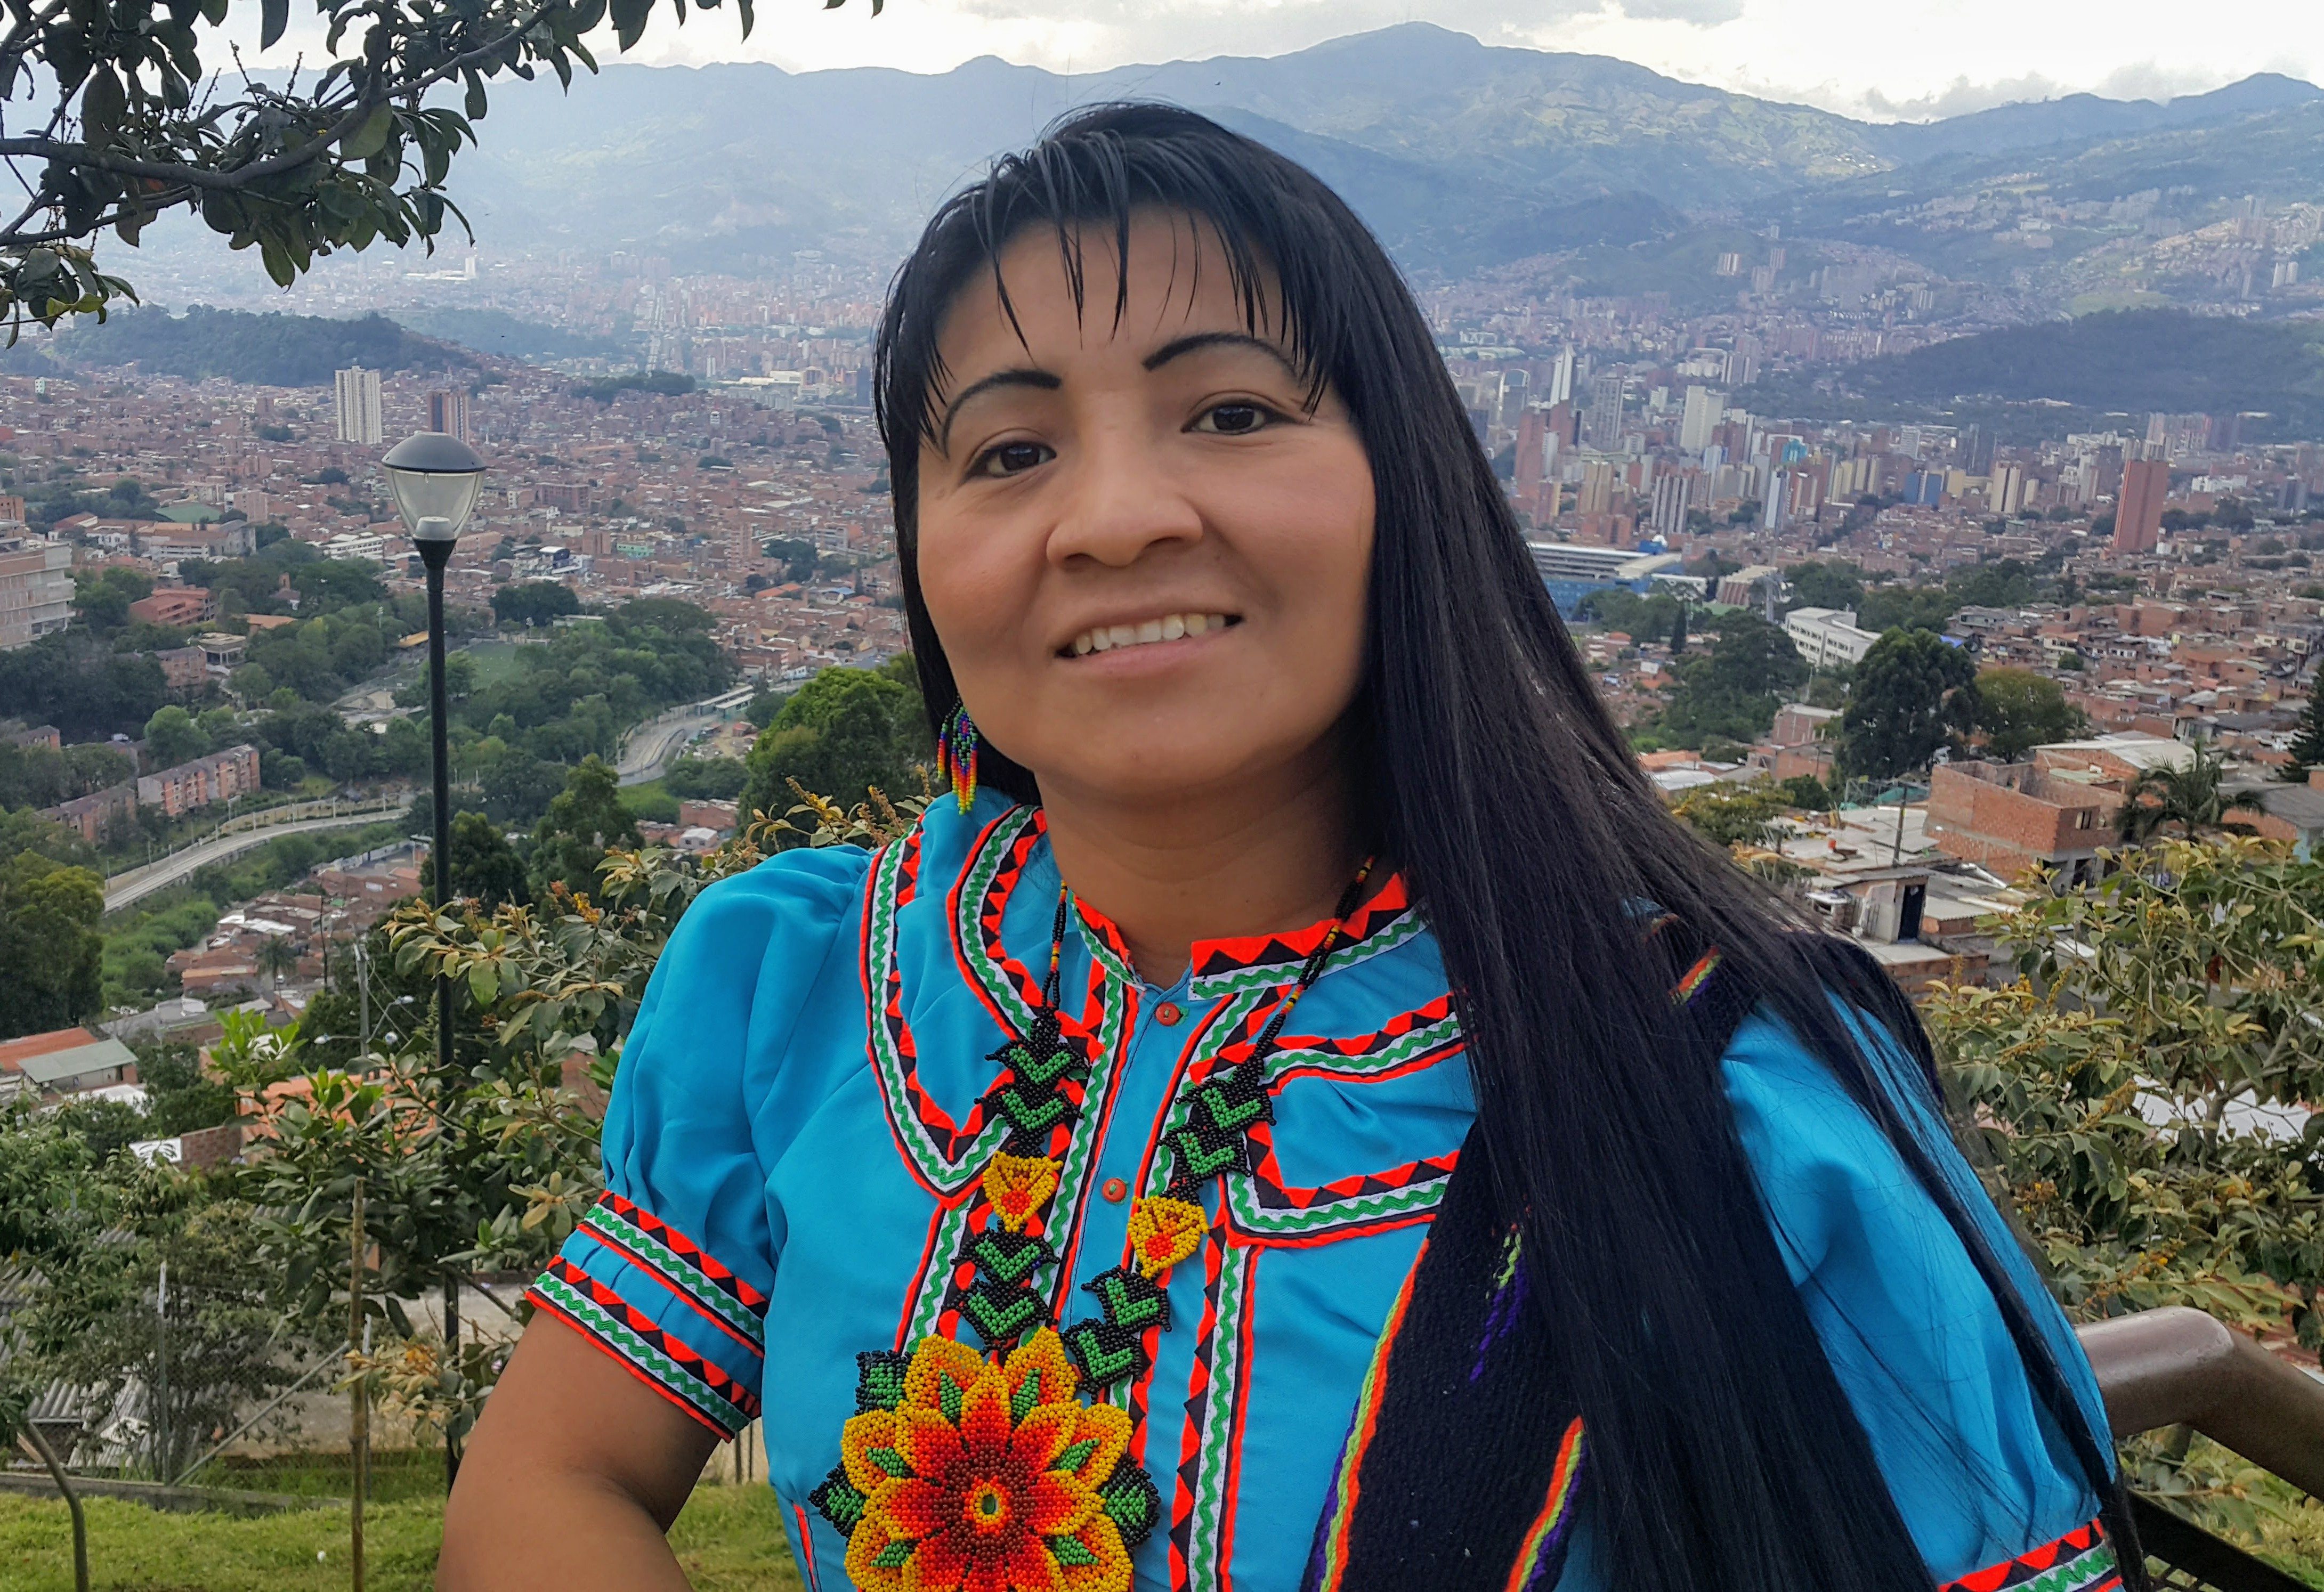 Las Mujeres Indígenas Tejemos Caminos De Identidad En